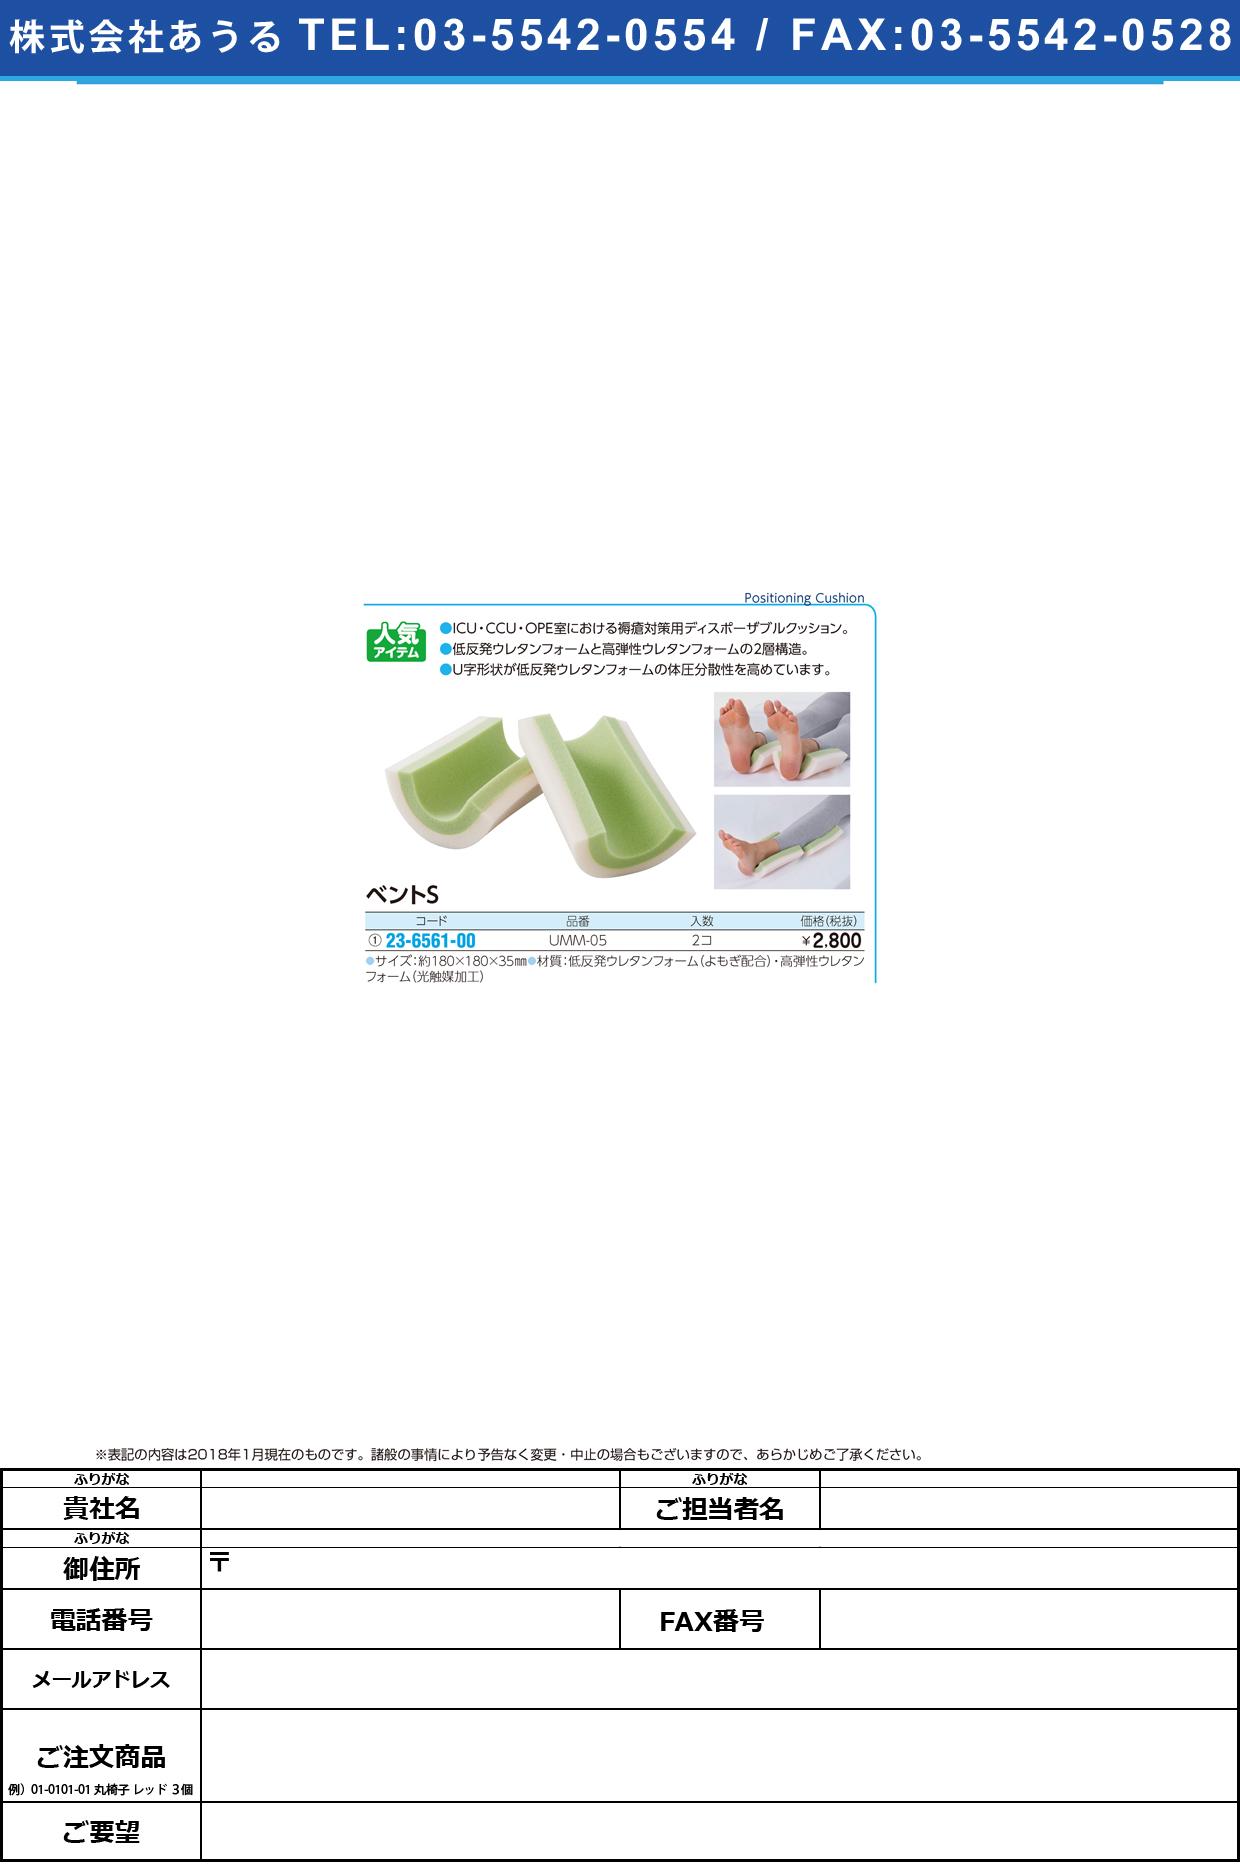 (23-6561-00)ディスポクッションベントS UMM-05(2コクミ) ディスポクッションベントS【1袋単位】【2018年カタログ商品】